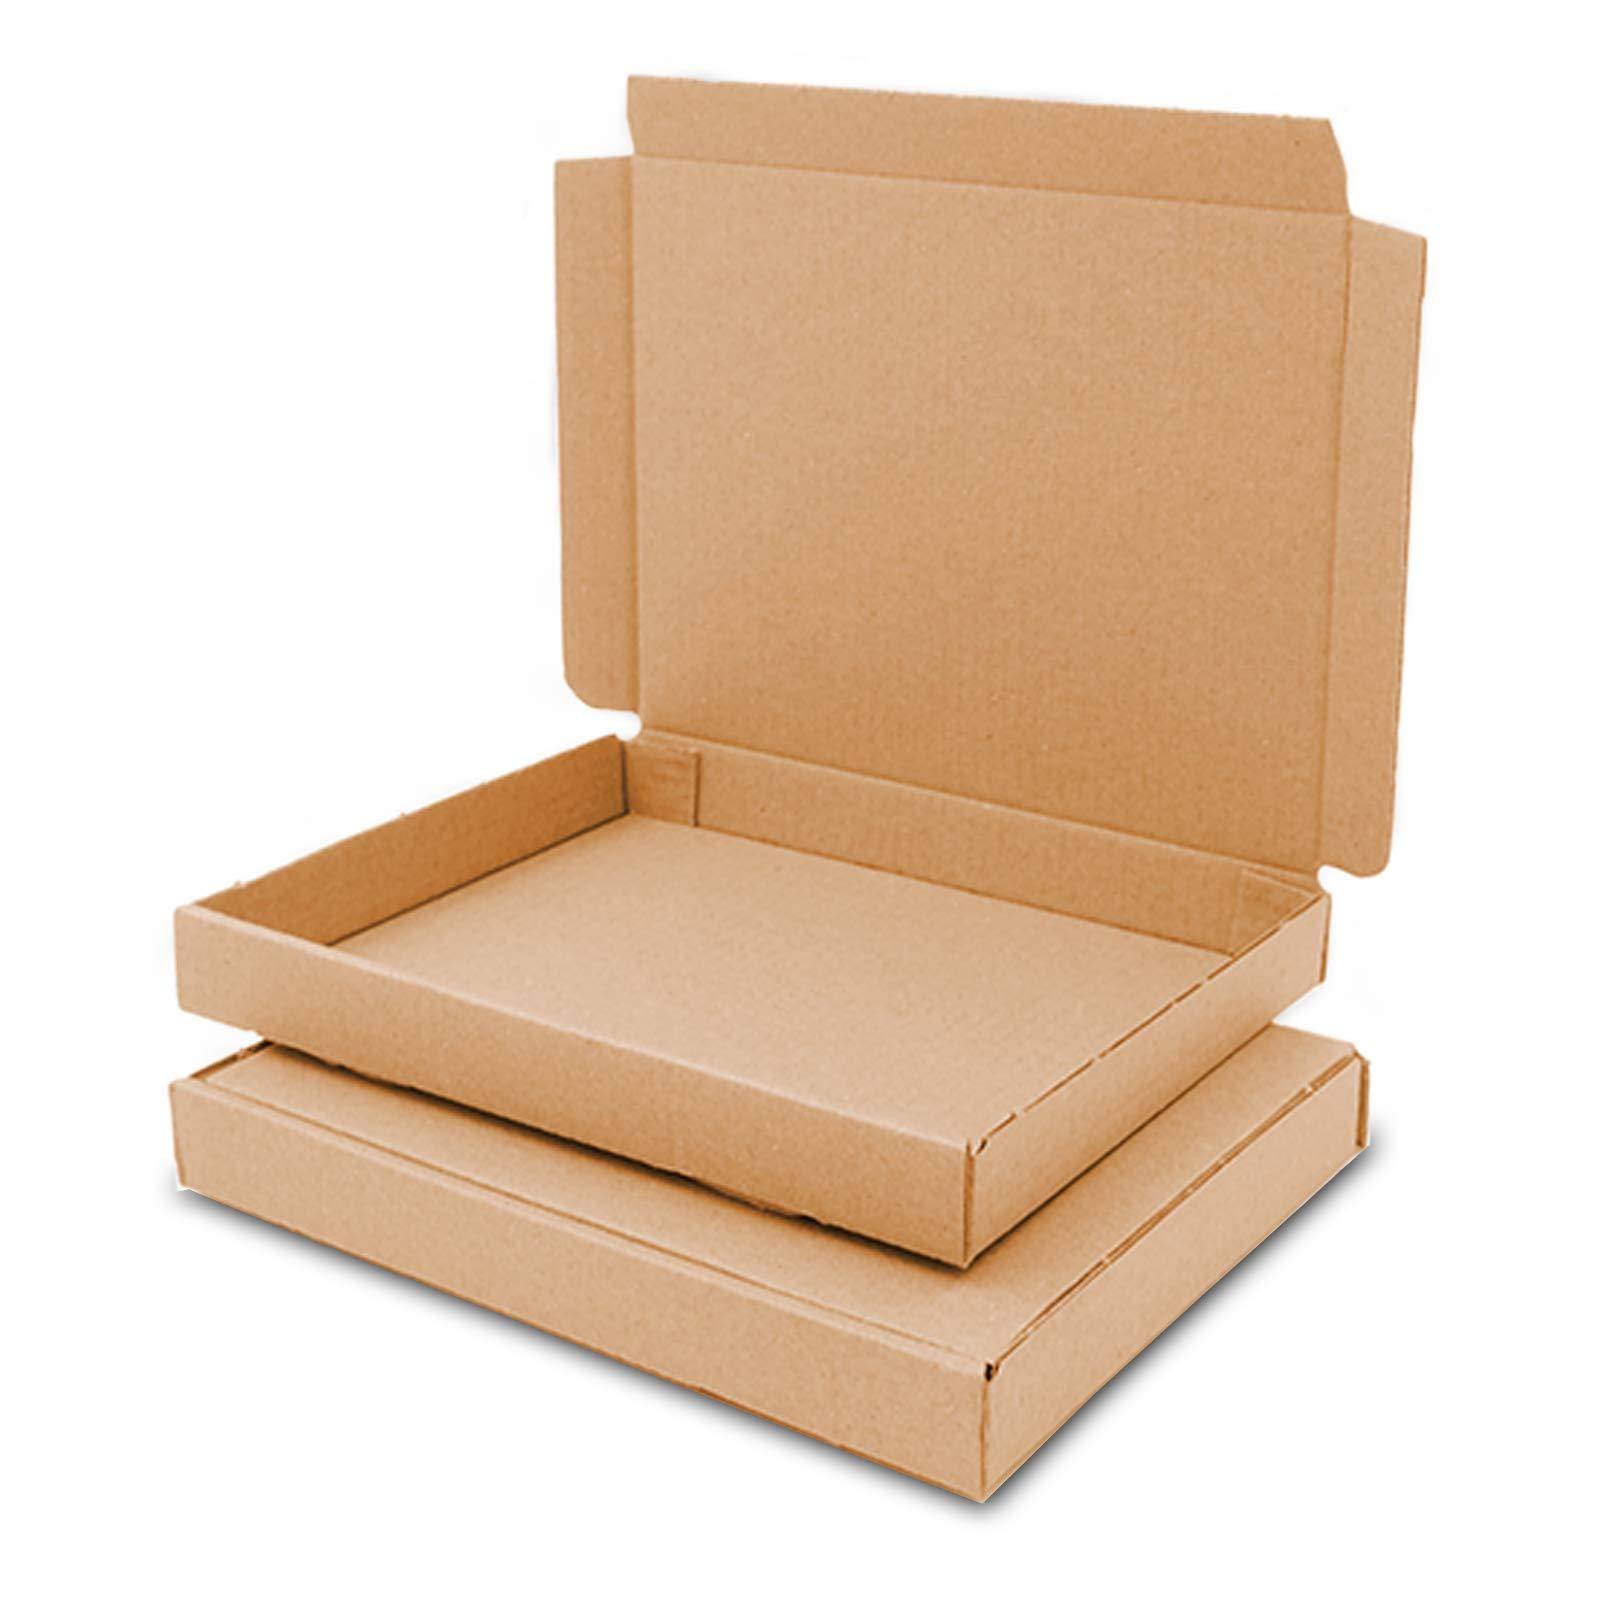 verpacking Grande – 50 Cajas Cajas de cartón marrón, GB-0 165 x 125 x 20 mm Caja Plegable Maxibrief Cartón Marrón o Blanco, tamaño a Elegir: Amazon.es: Hogar